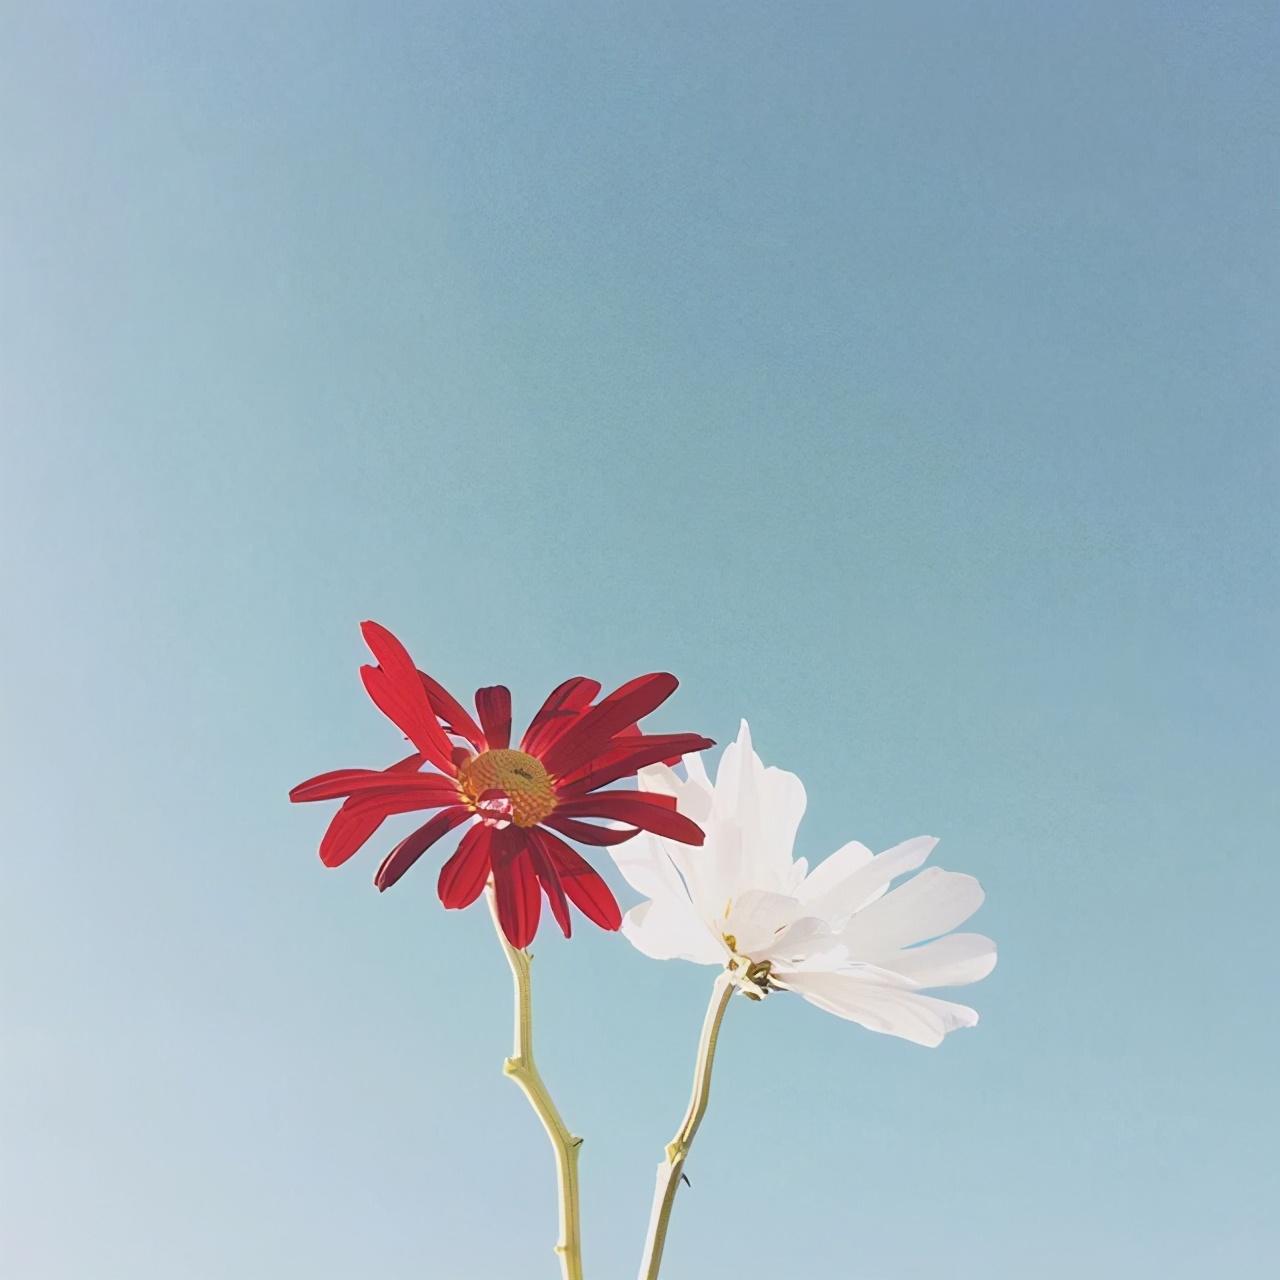 早安语录适合发朋友圈早安的句子,愿你心向阳光